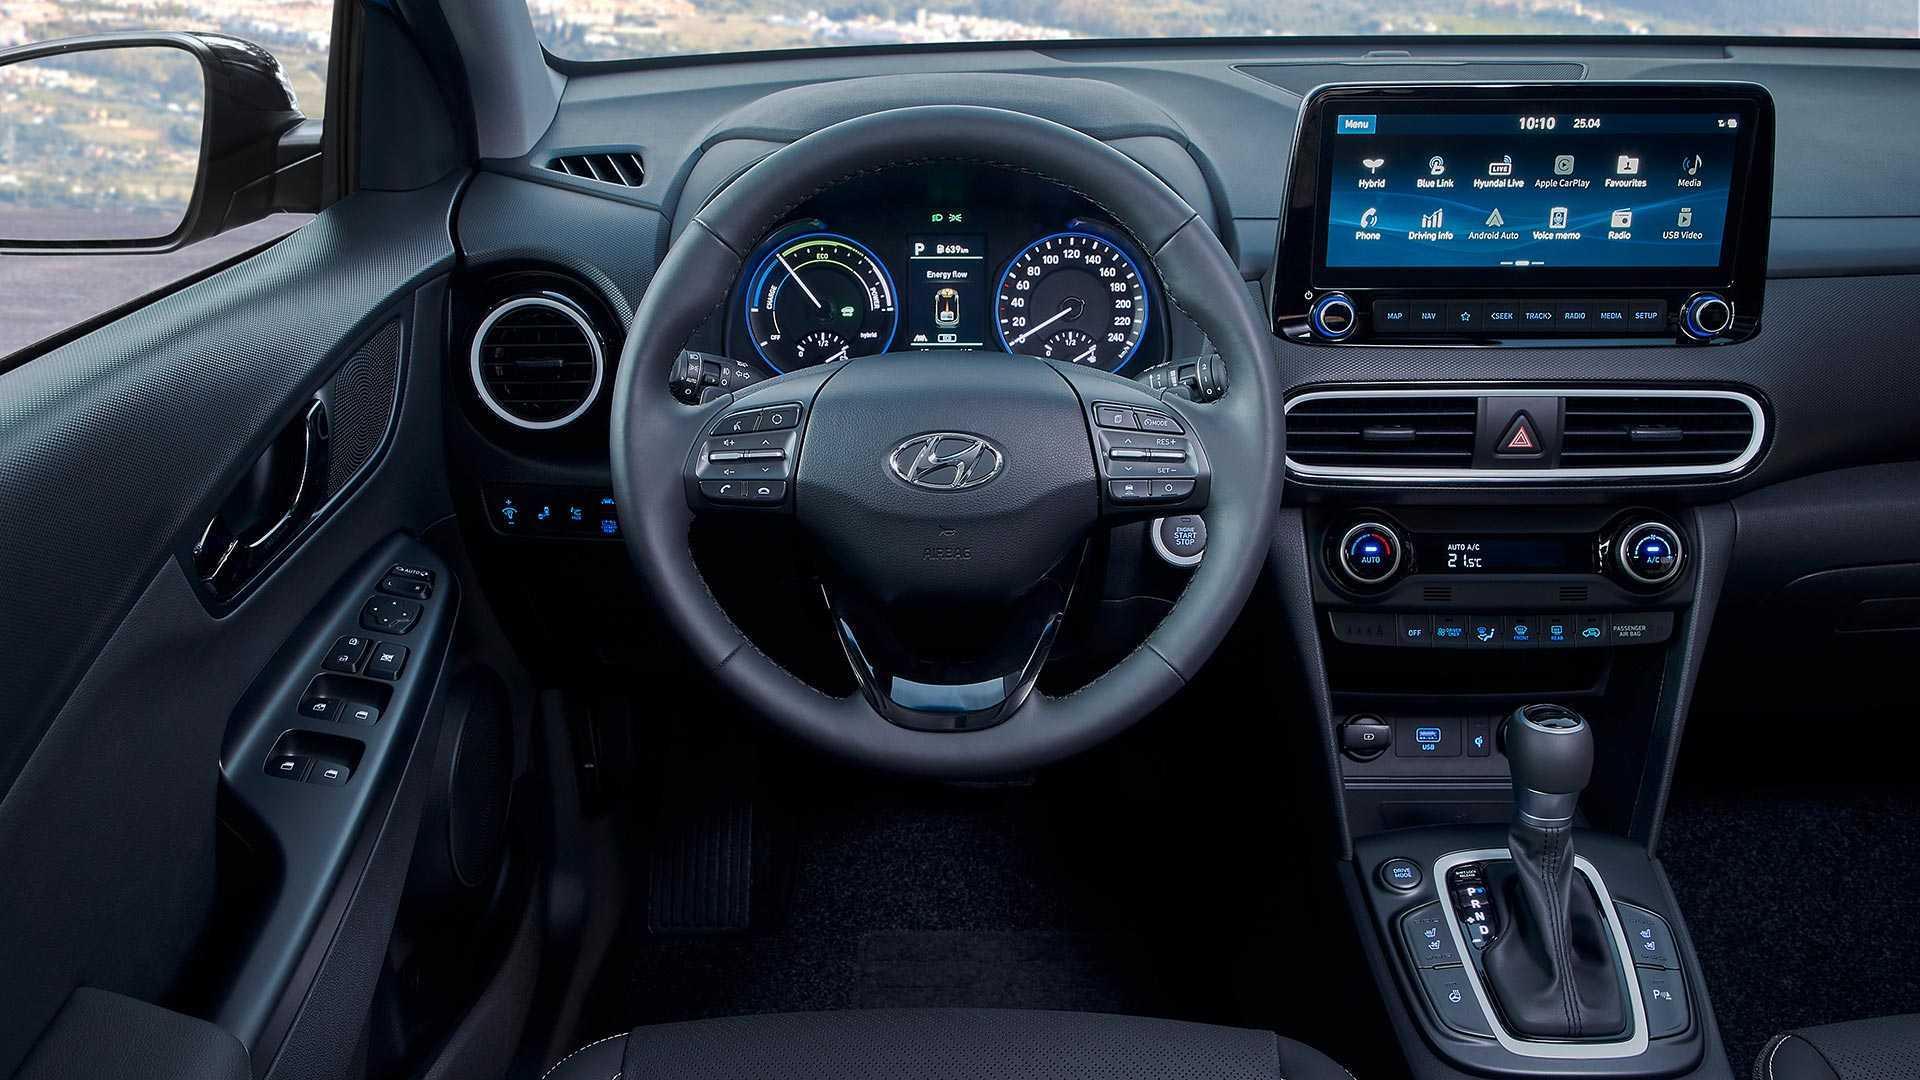 Cả hệ thống động cơ sản sinh 140 mã lực và mô-men xoắn 264 Nm. Chiếc xe này có thể đạt tốc độ từ 0 - 100km/h trong vòng 1112 giây và tốc độ tối đa là gần 160 km/h